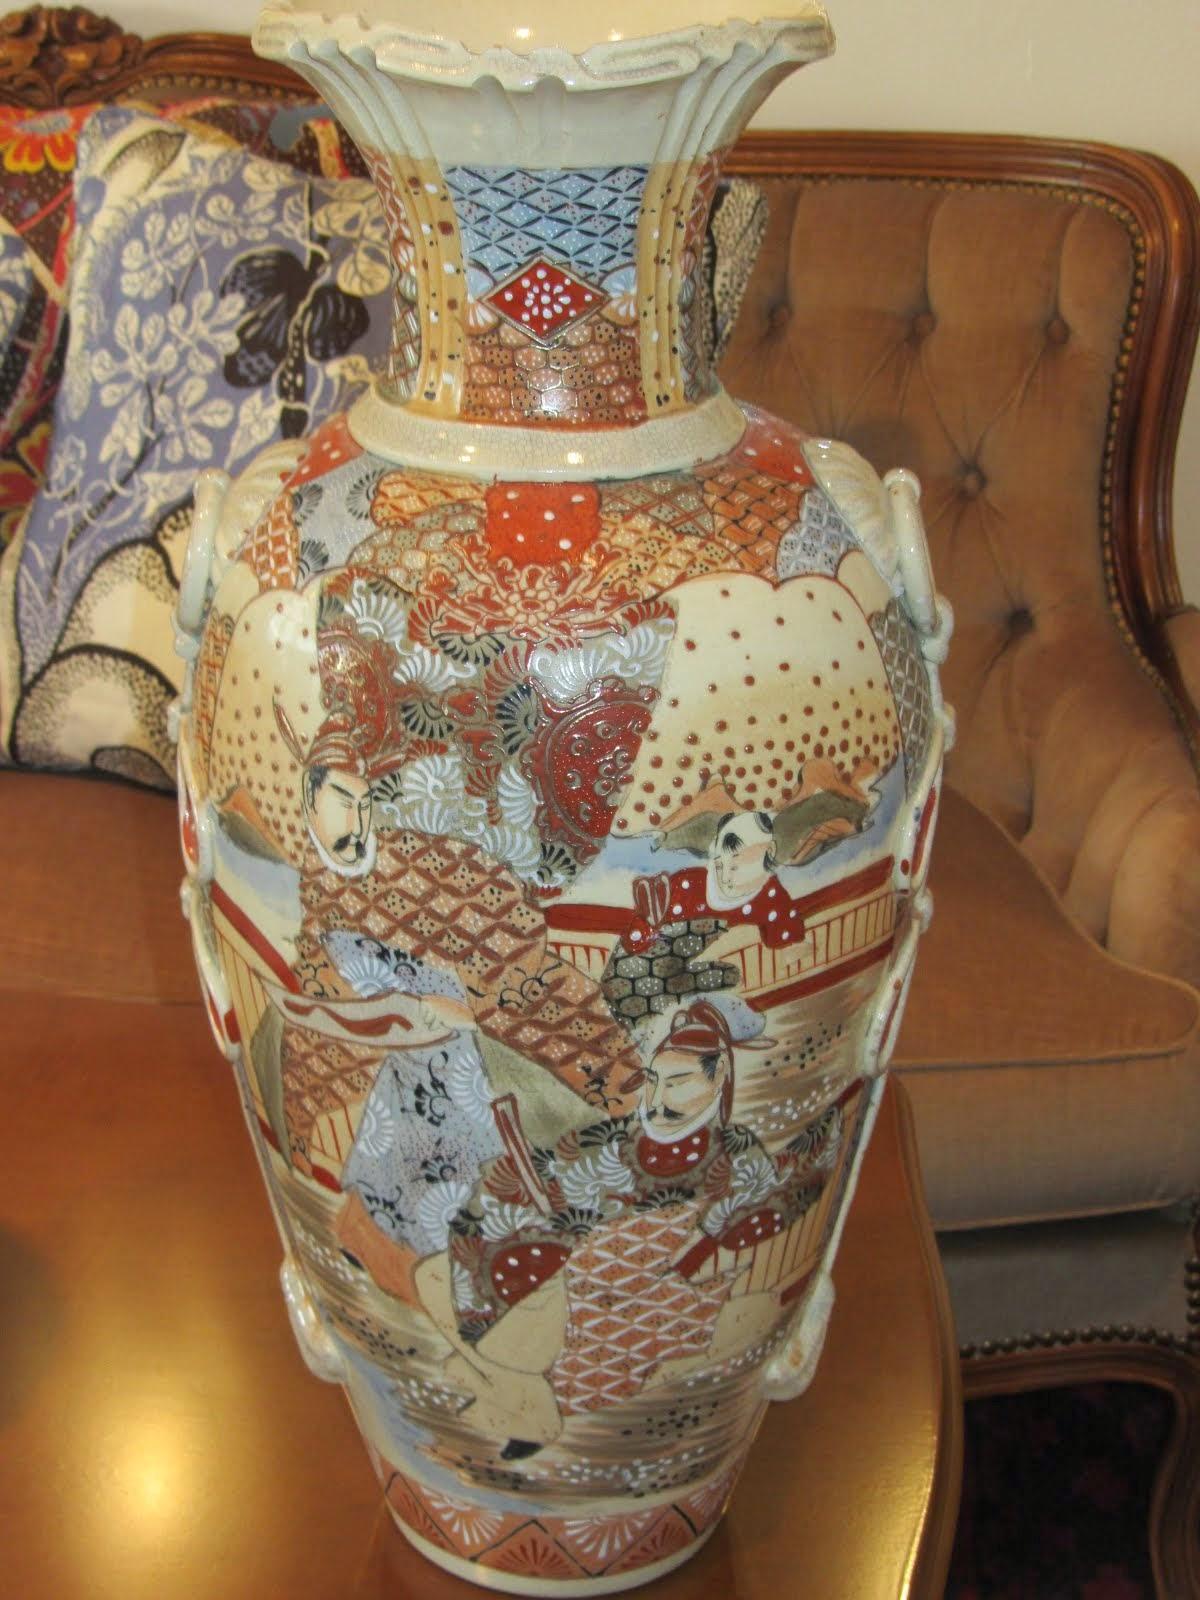 Vas från Japan